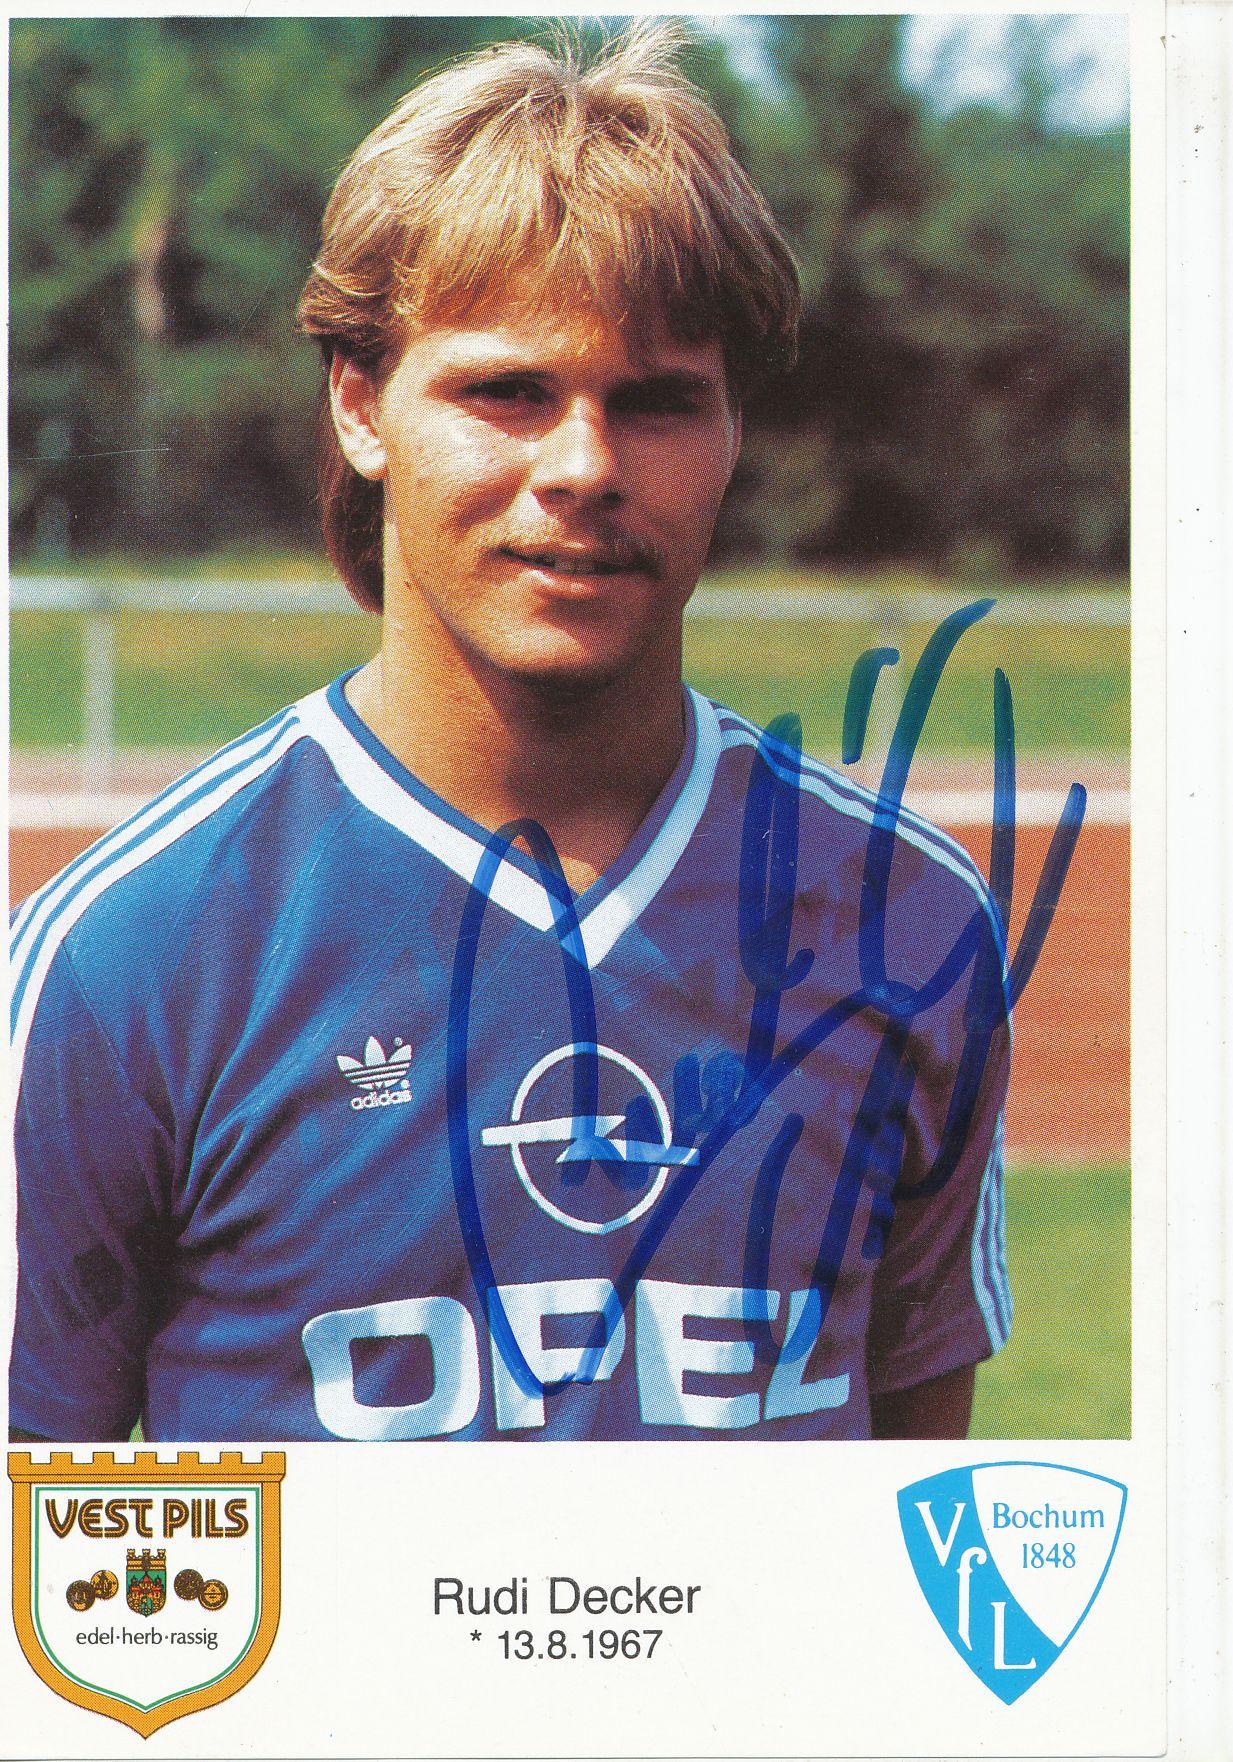 Rudi Decker